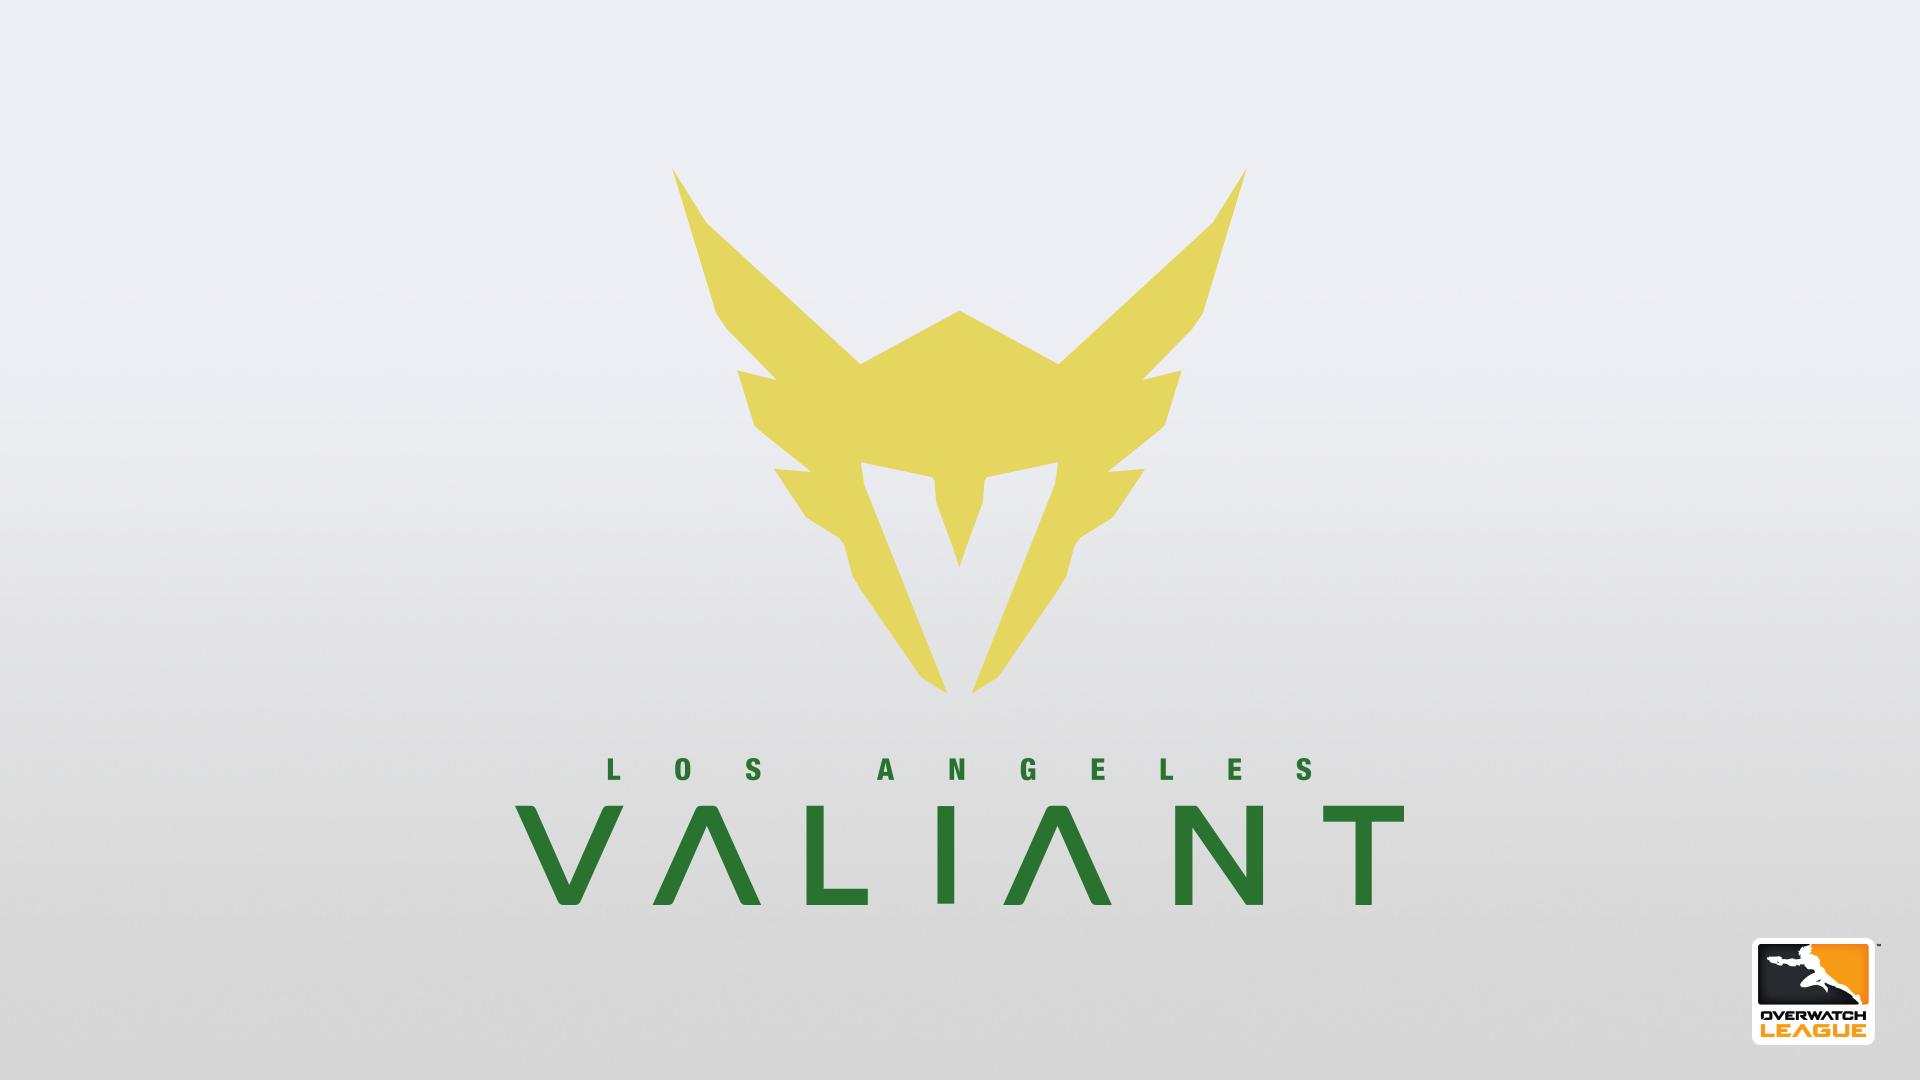 Los Angeles Valiant Overwatch Wiki Fandom Powered By Wikia